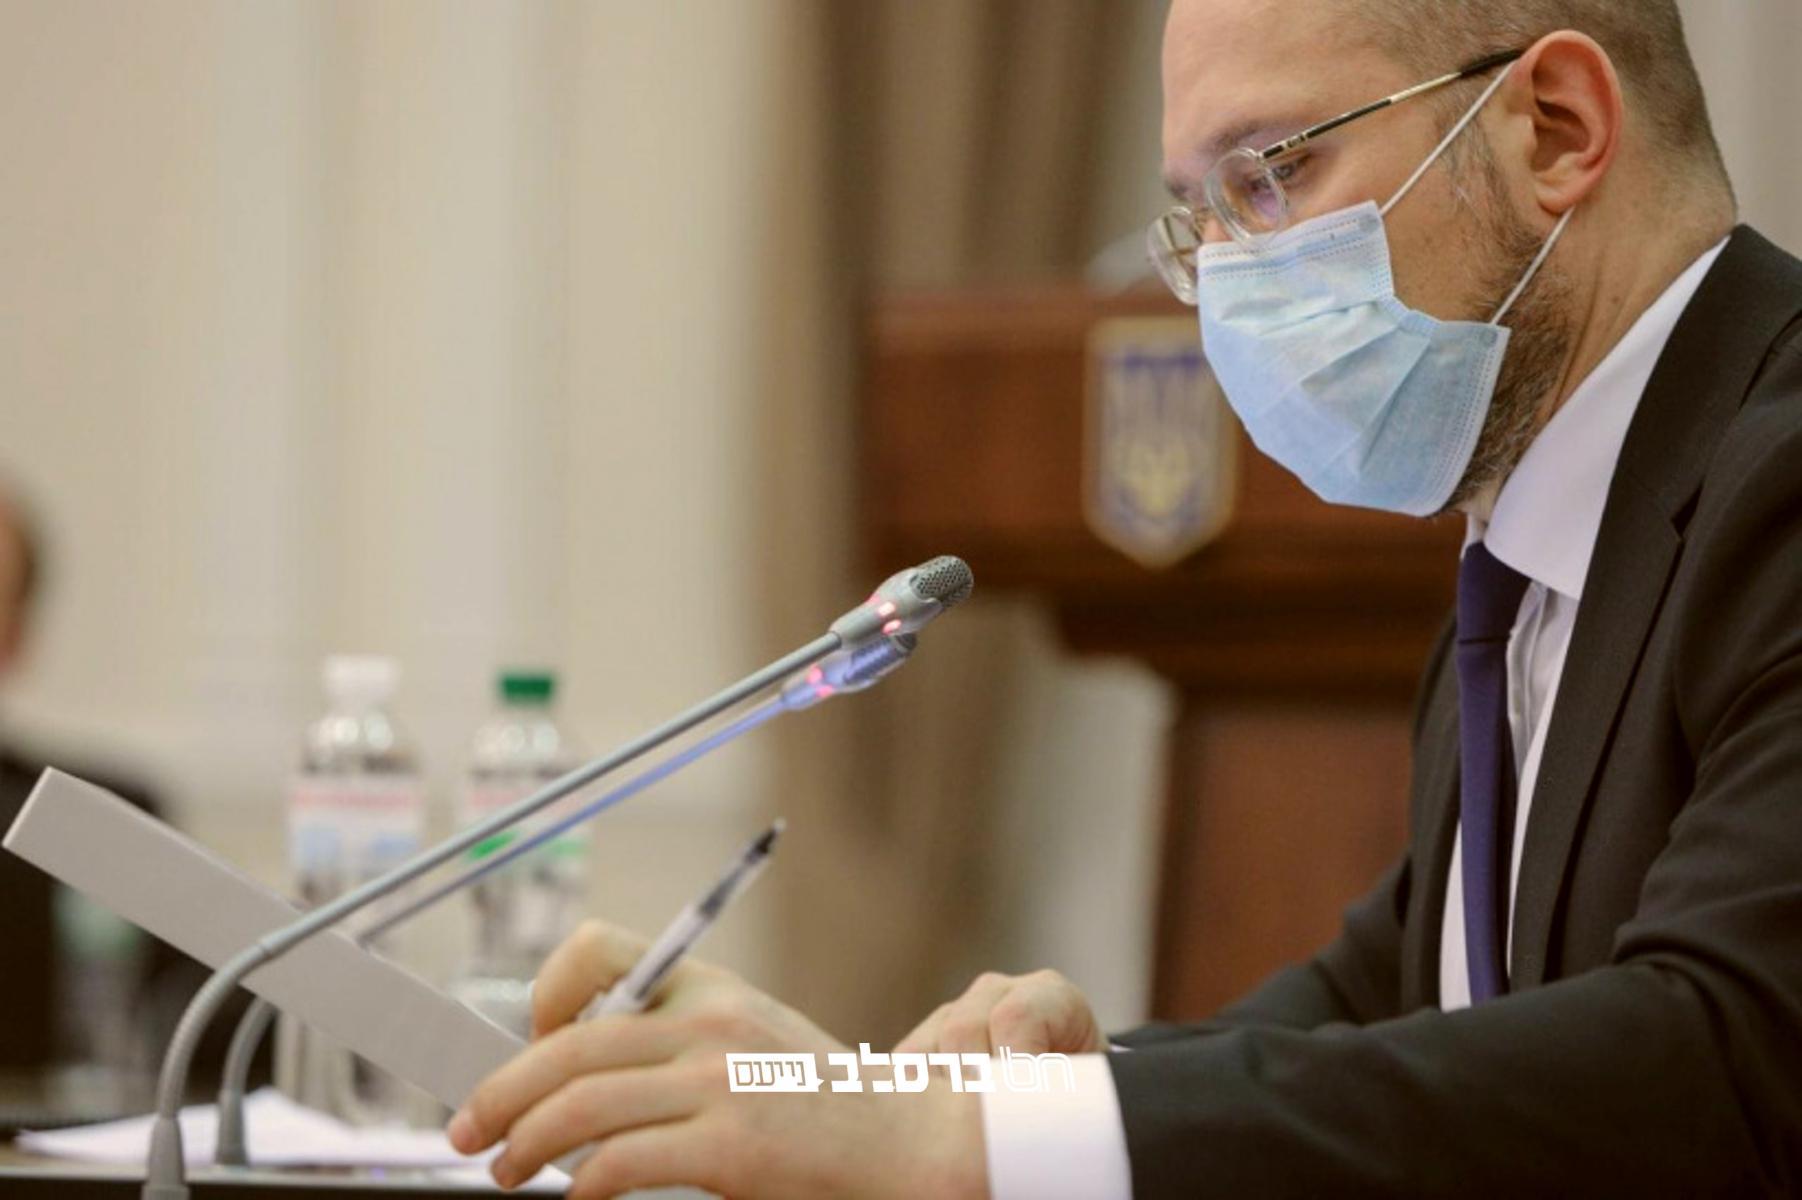 """אוקראינה • ראש ממשלת אוקראינה: """"אם לא תהיה ברירה יוטל סגר כללי על אוקראינה – כולל על הגבולות"""""""